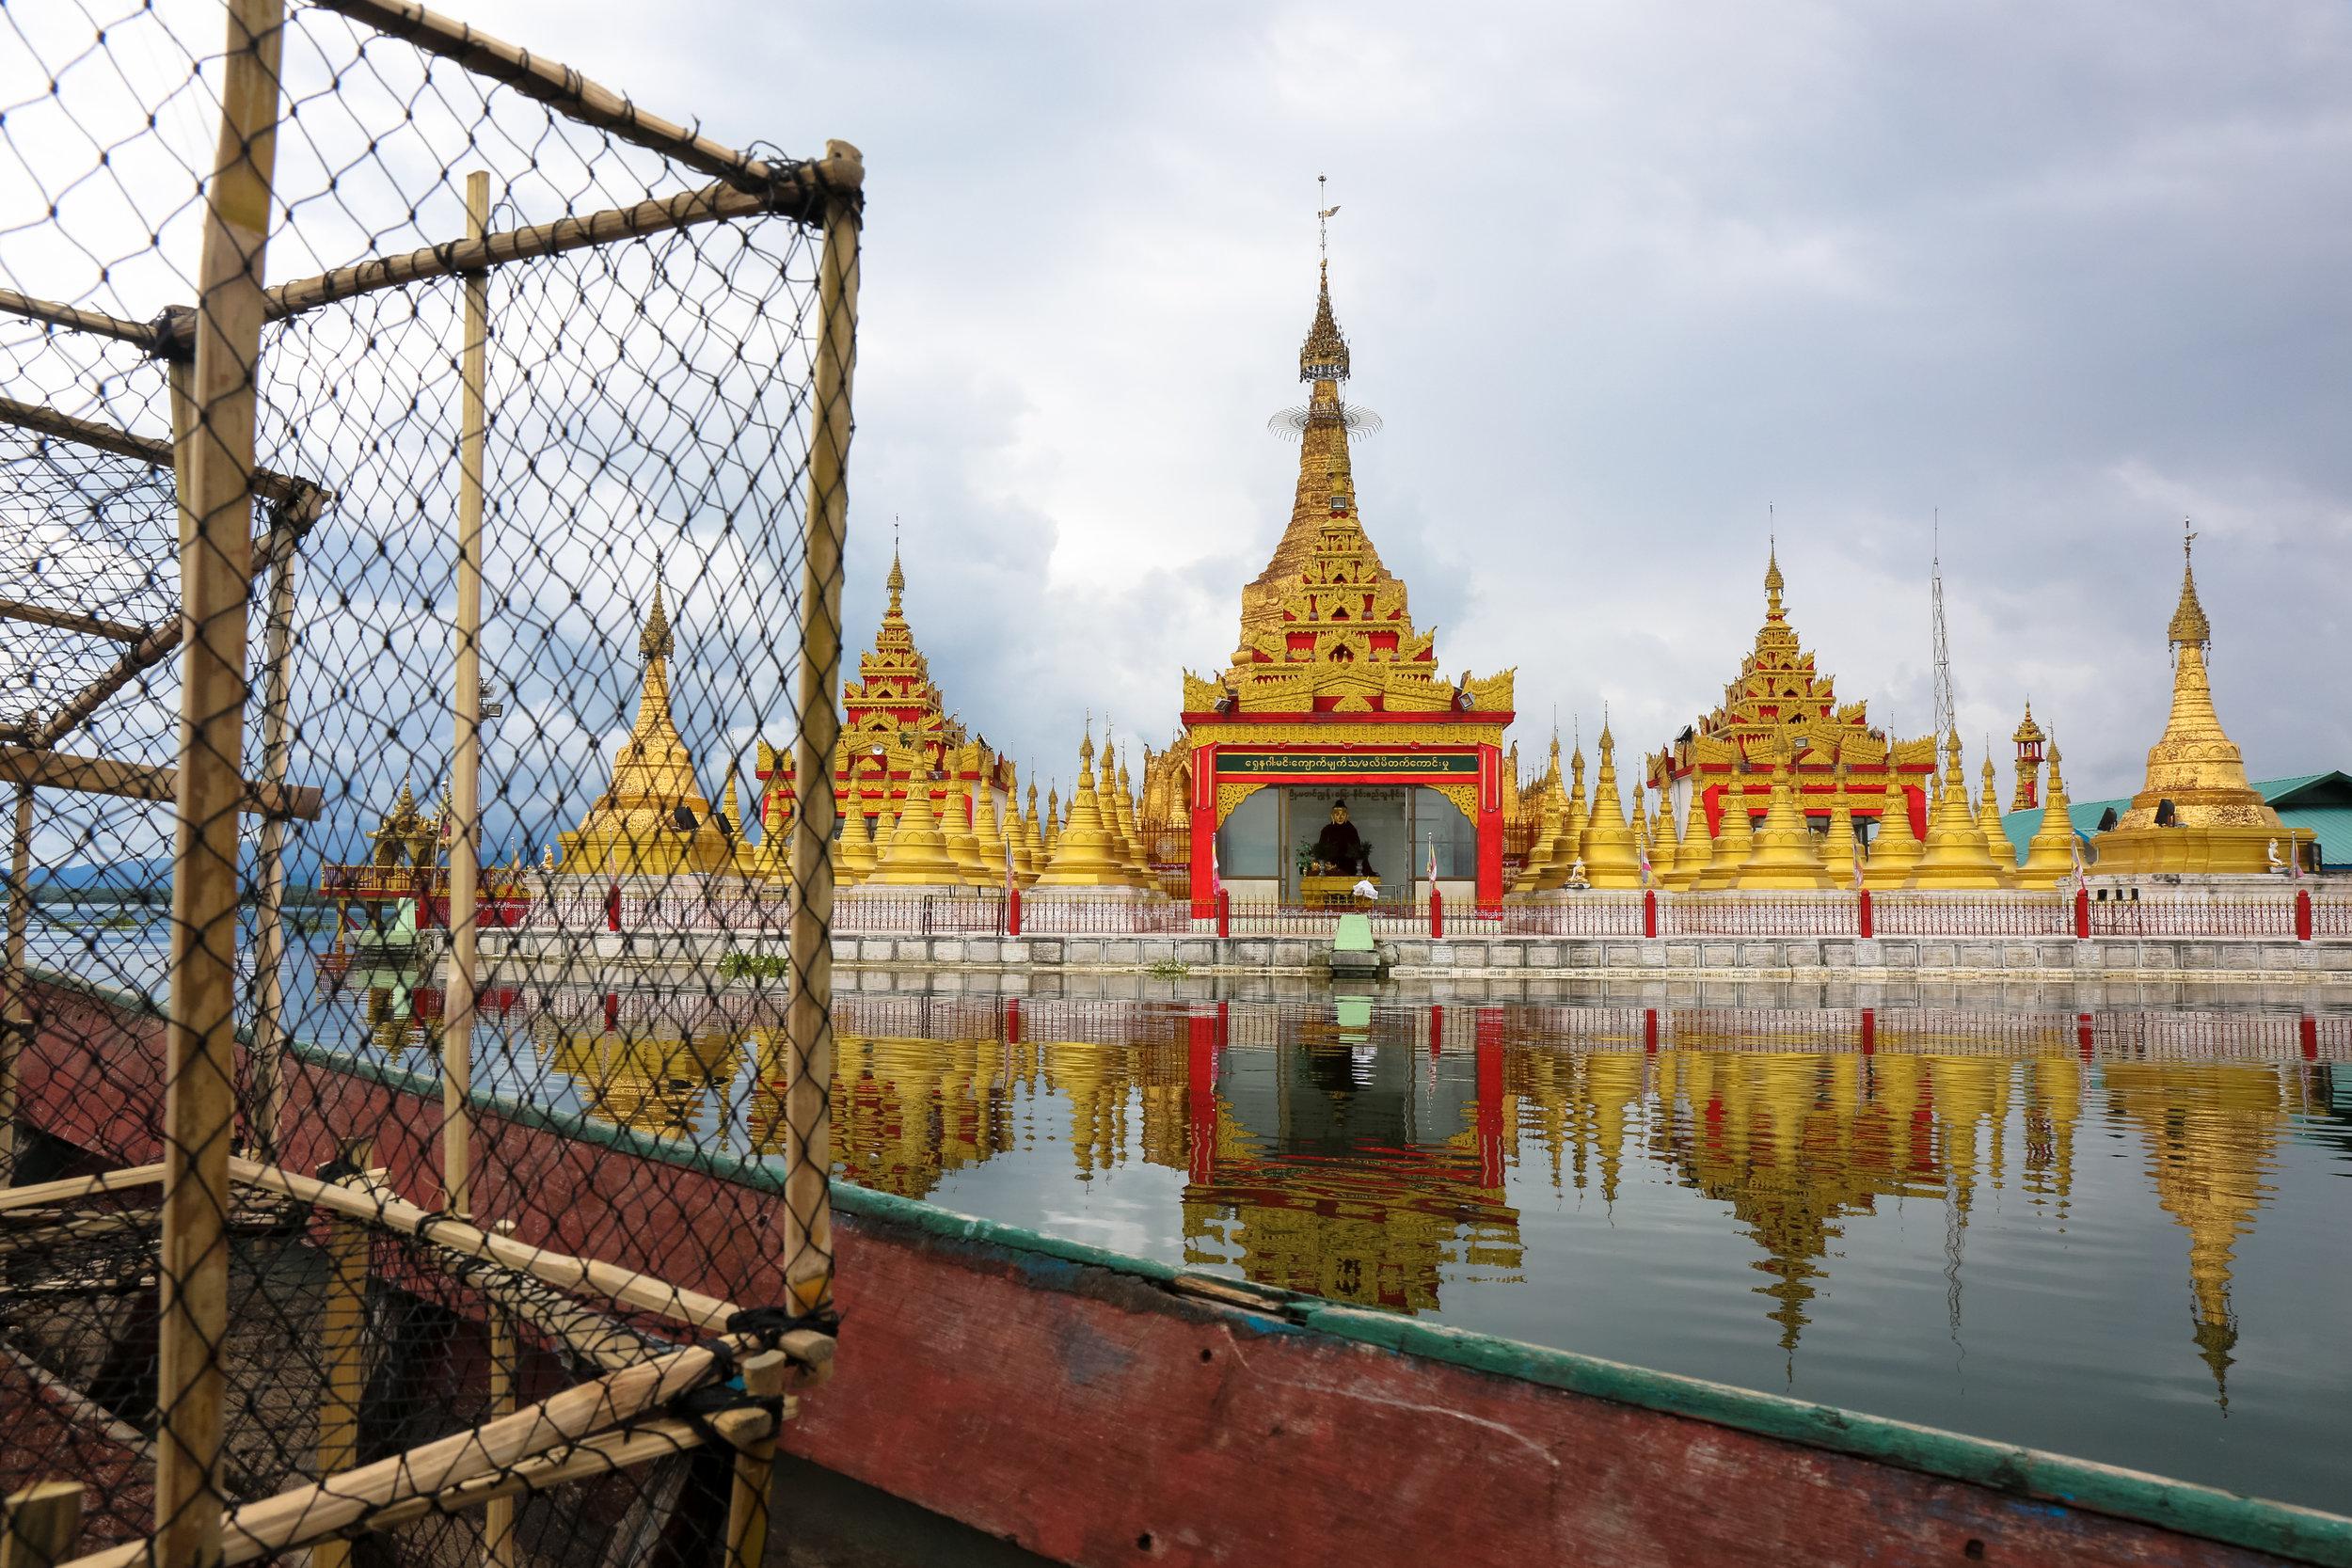 Shwe Myitzu Pagoda. Indawgyi Lake. August 2017